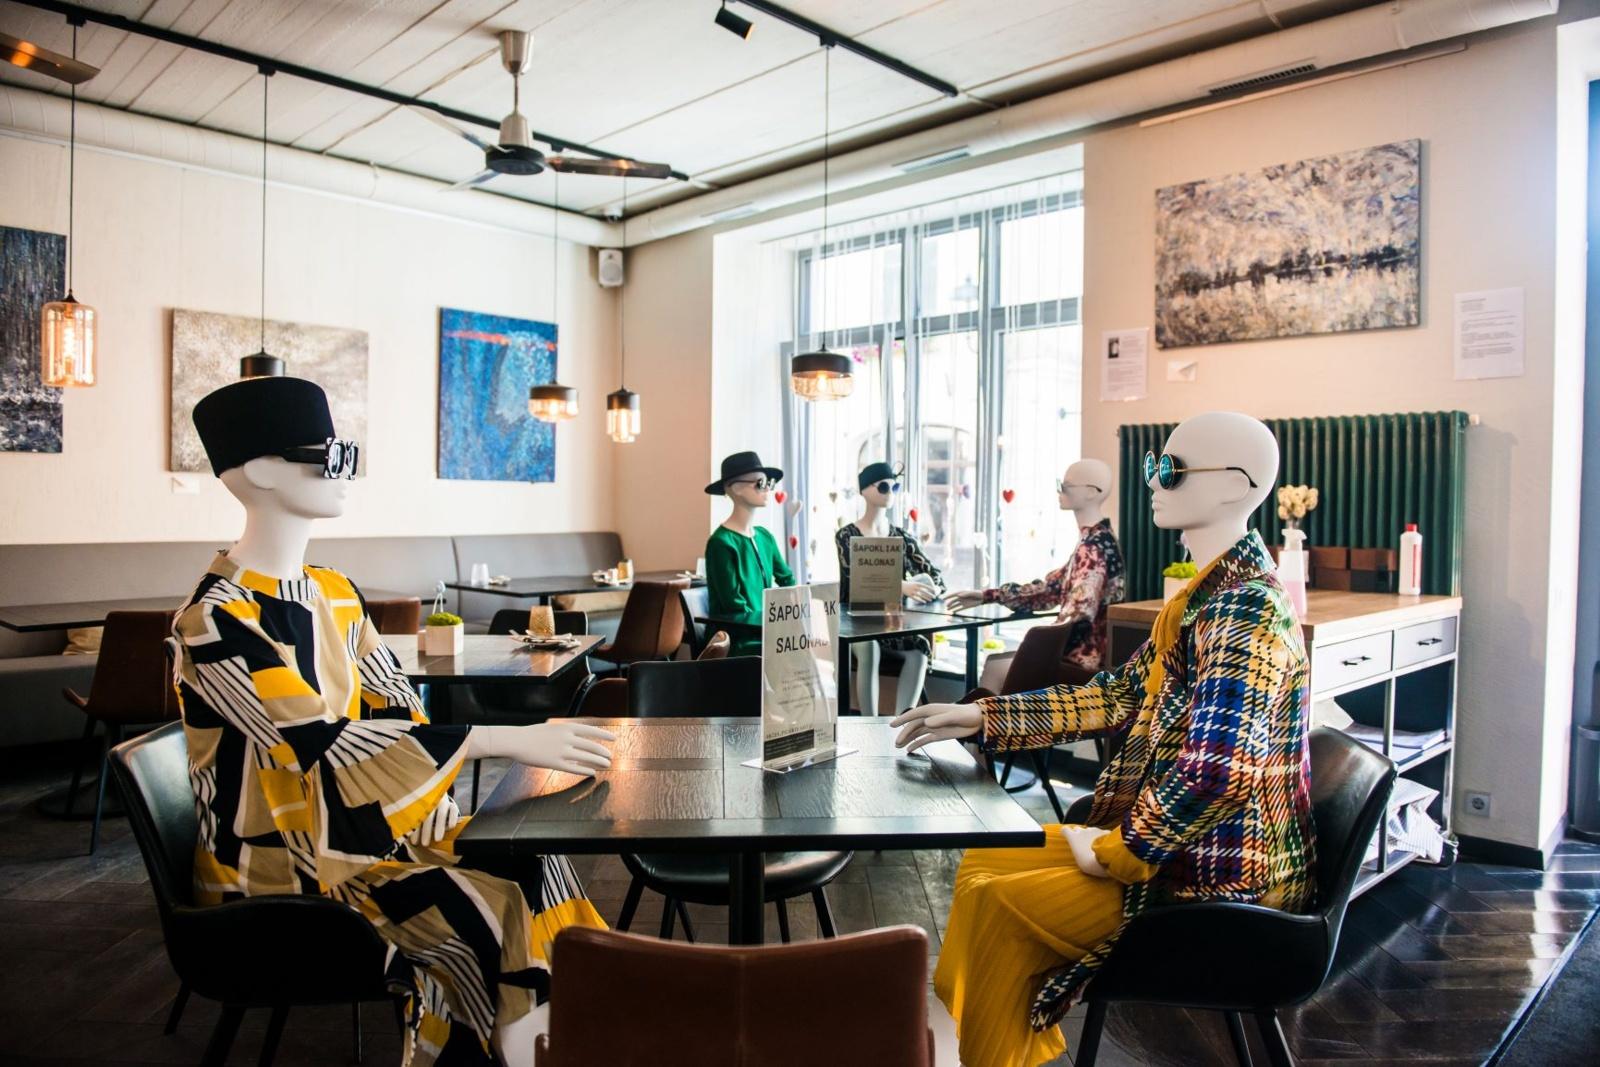 Laisvas Vilniaus kavinių erdves užpildė madingi manekenai